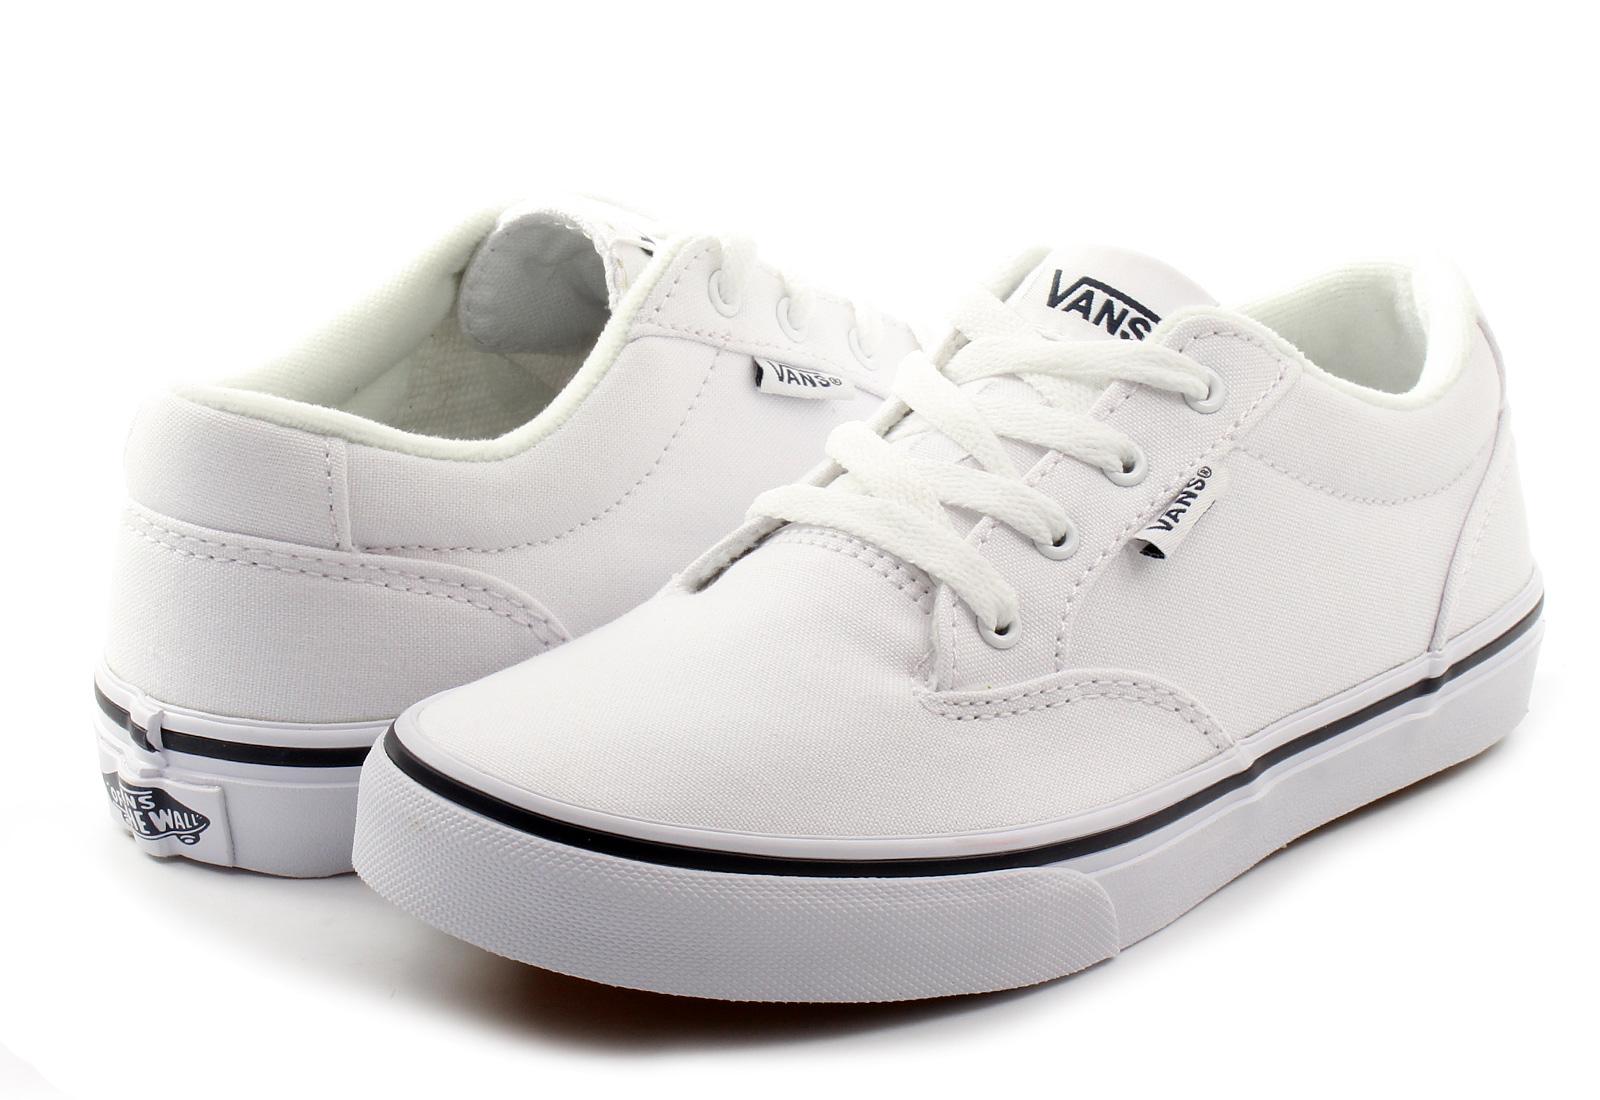 Vans Tornacipő - Winston - VVO41XE - Office Shoes Magyarország 24584b1783